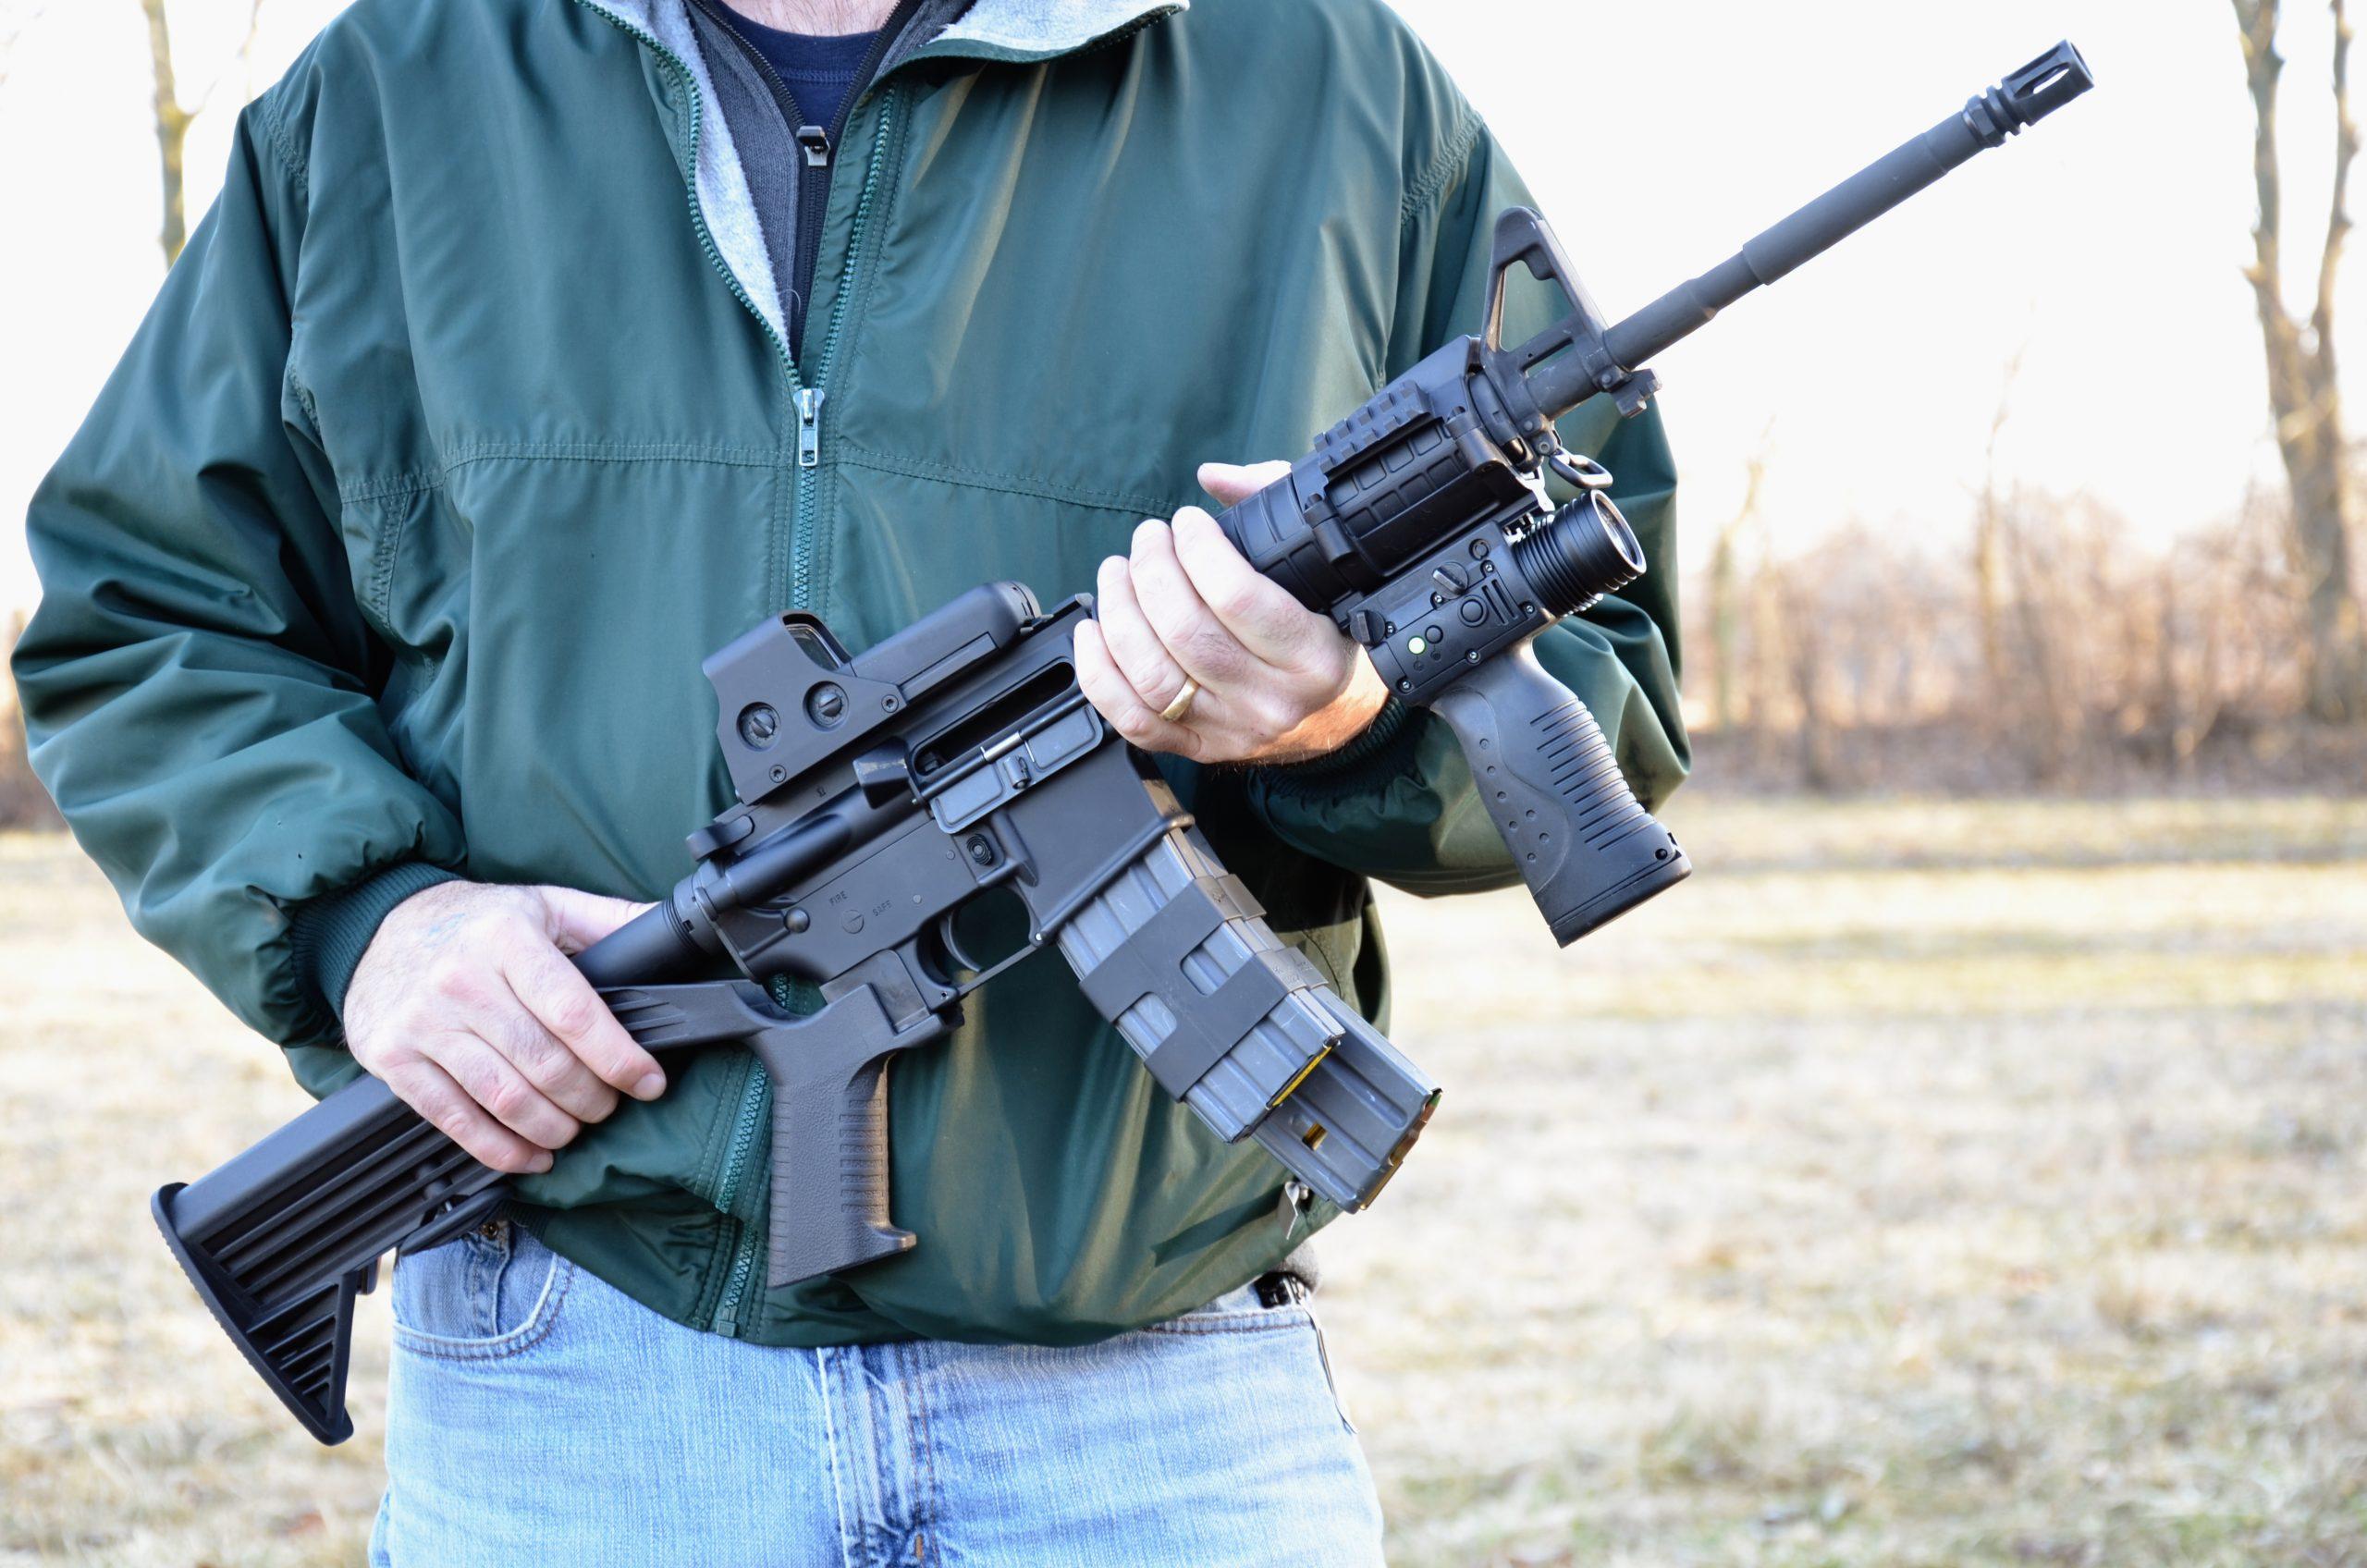 man holding assault rifle